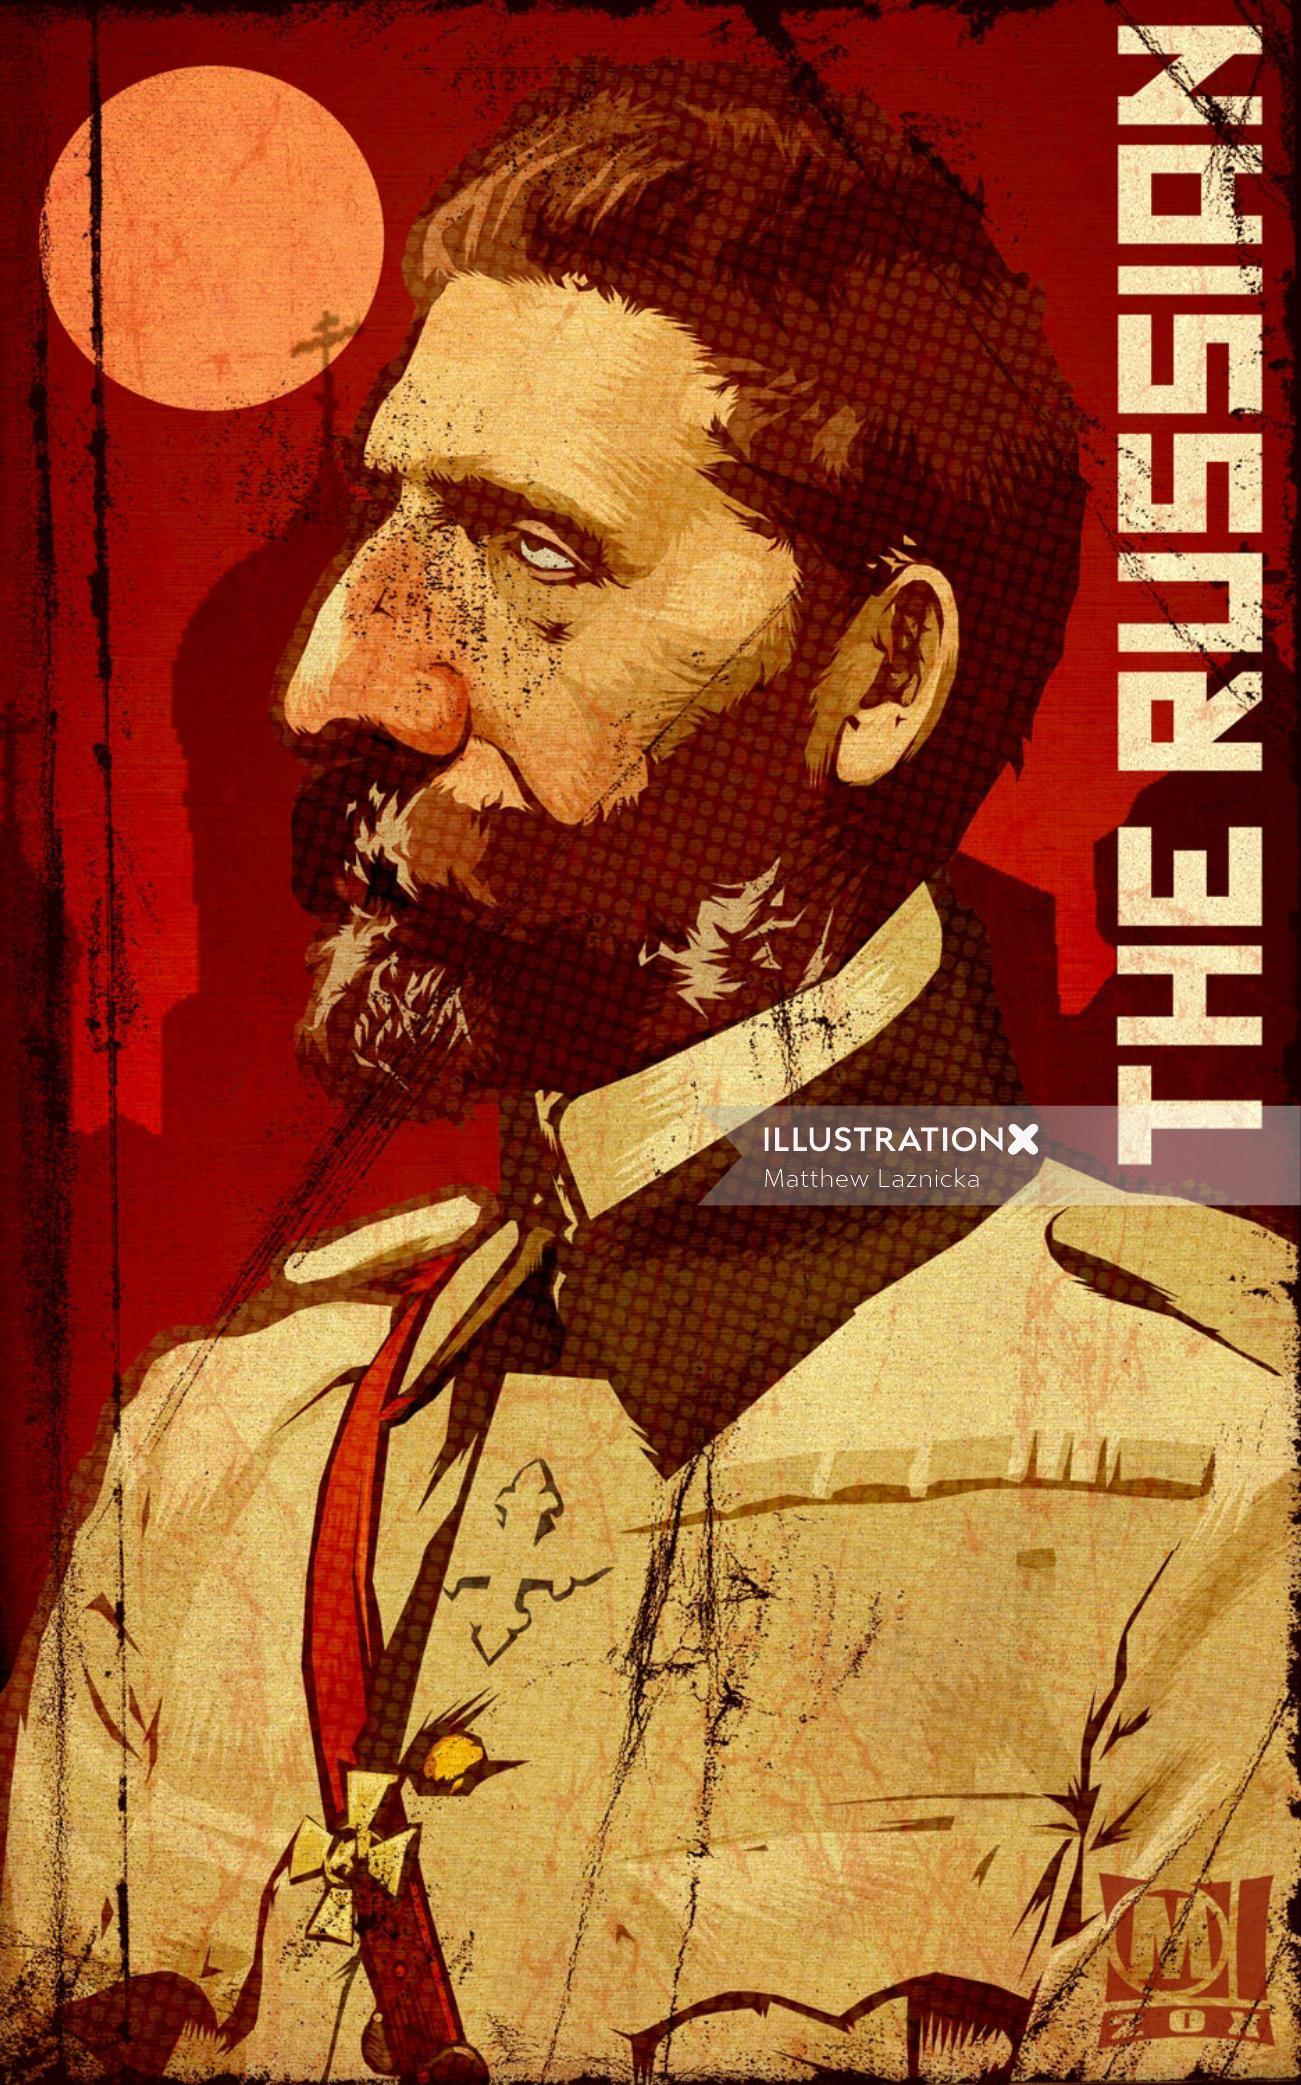 The Russian Retro Poster